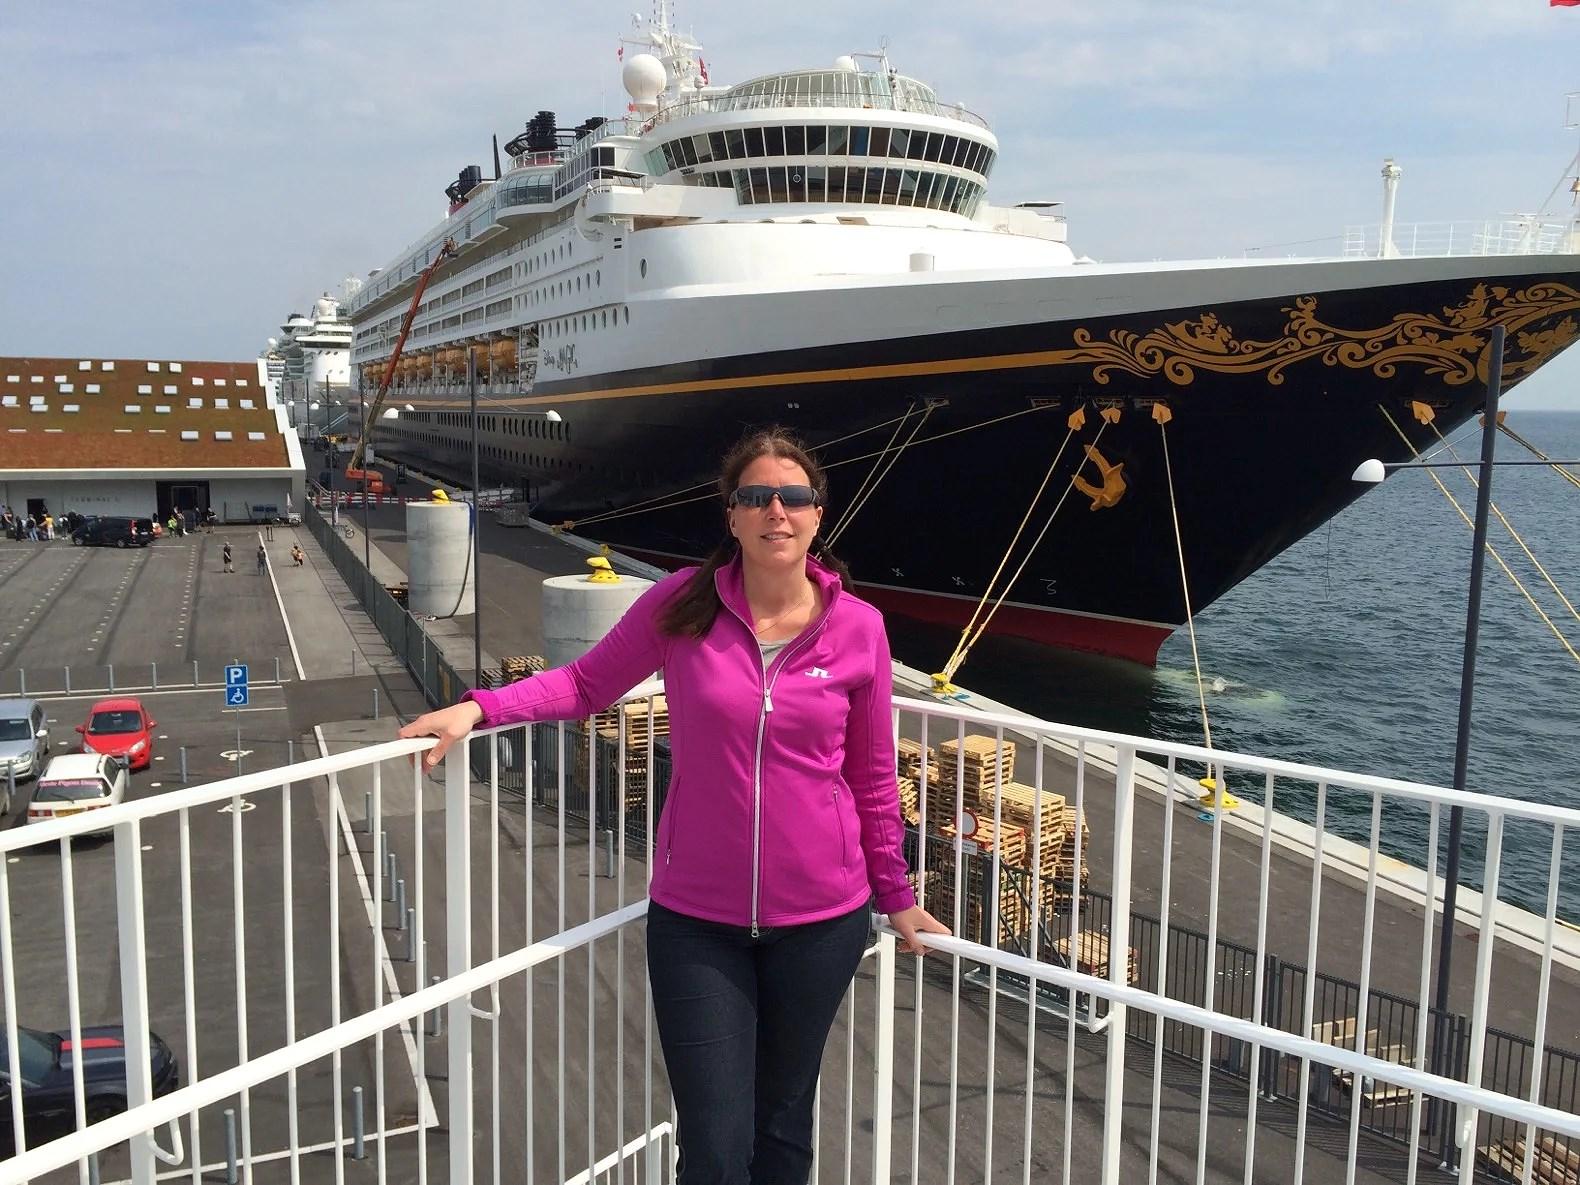 Vad är tillåtet - förbjudet att ta ombord på en kryssning?